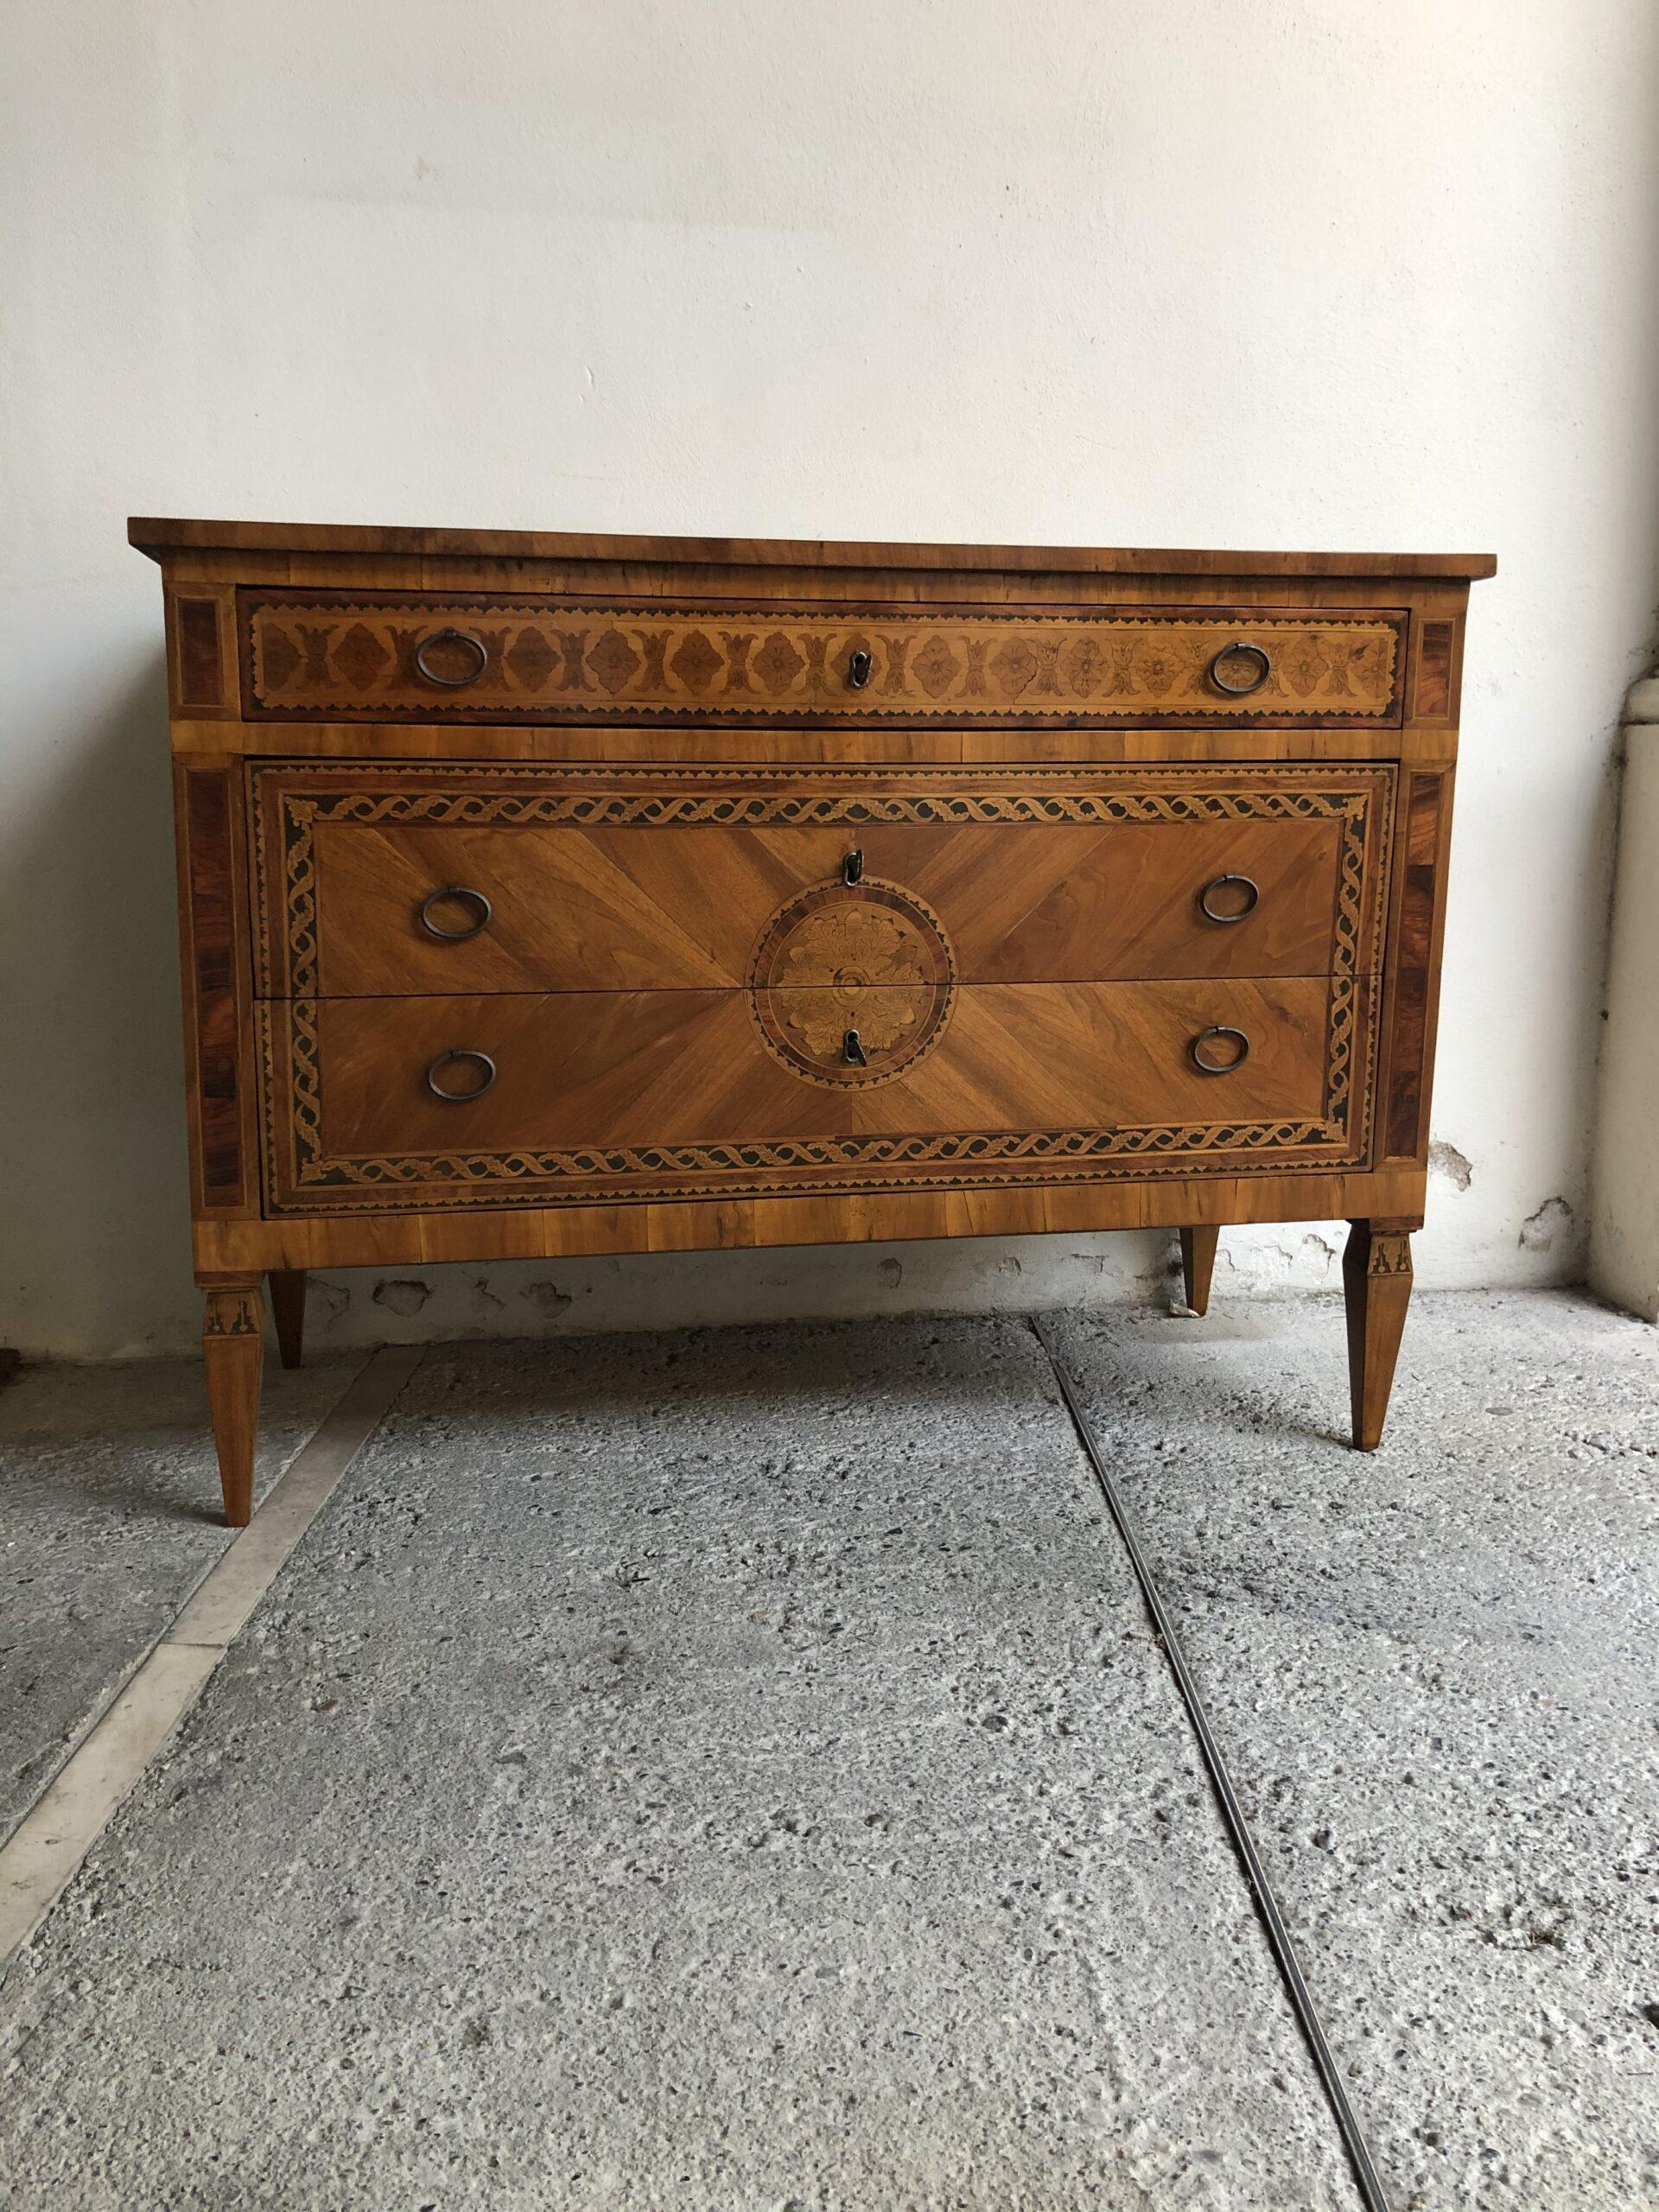 Cassettone Luigi XVI intarsiato